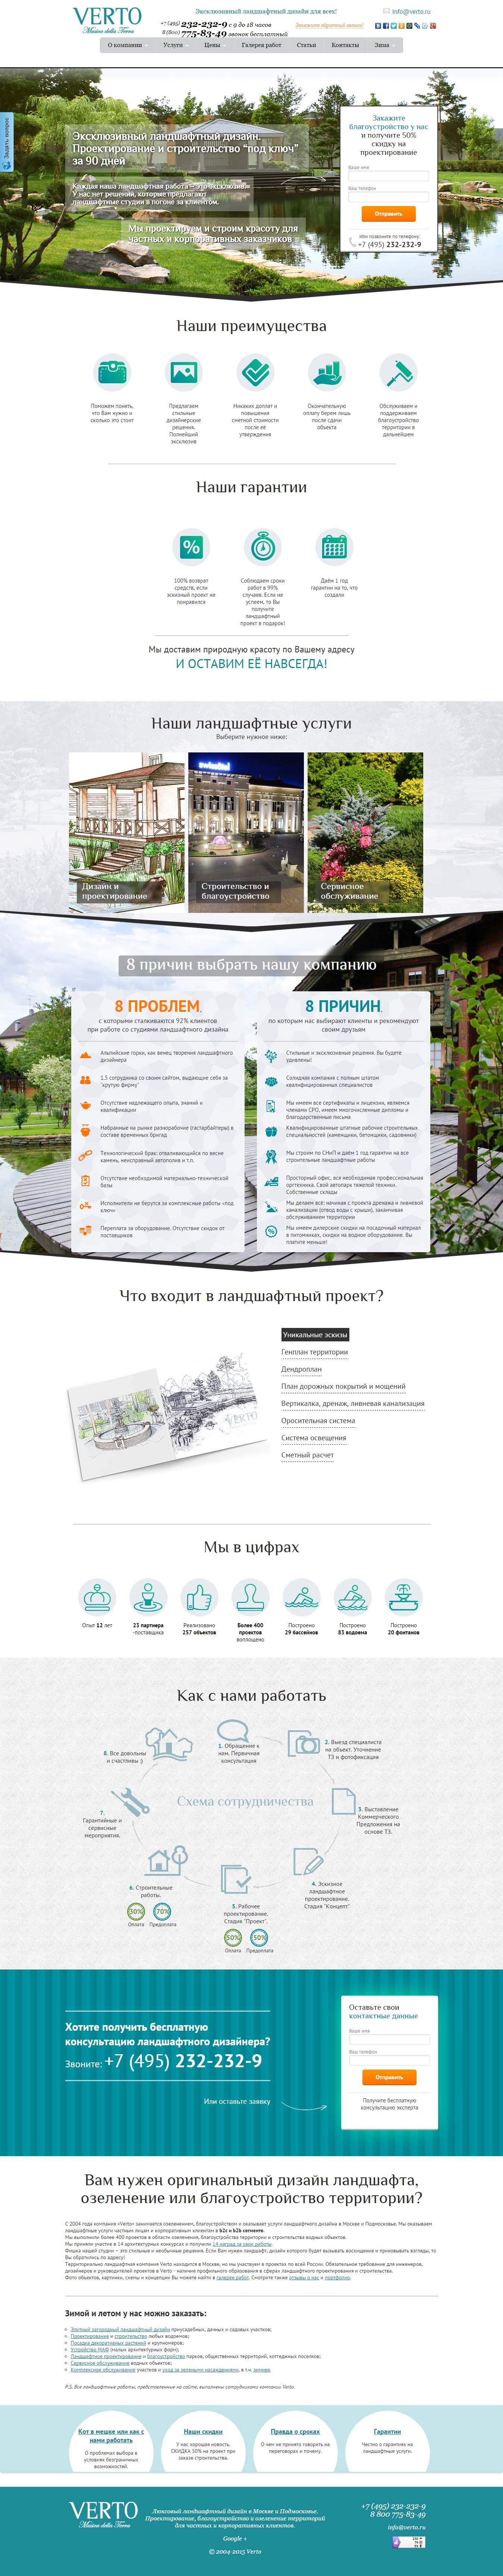 Сайт - Ландшафтный дизайн